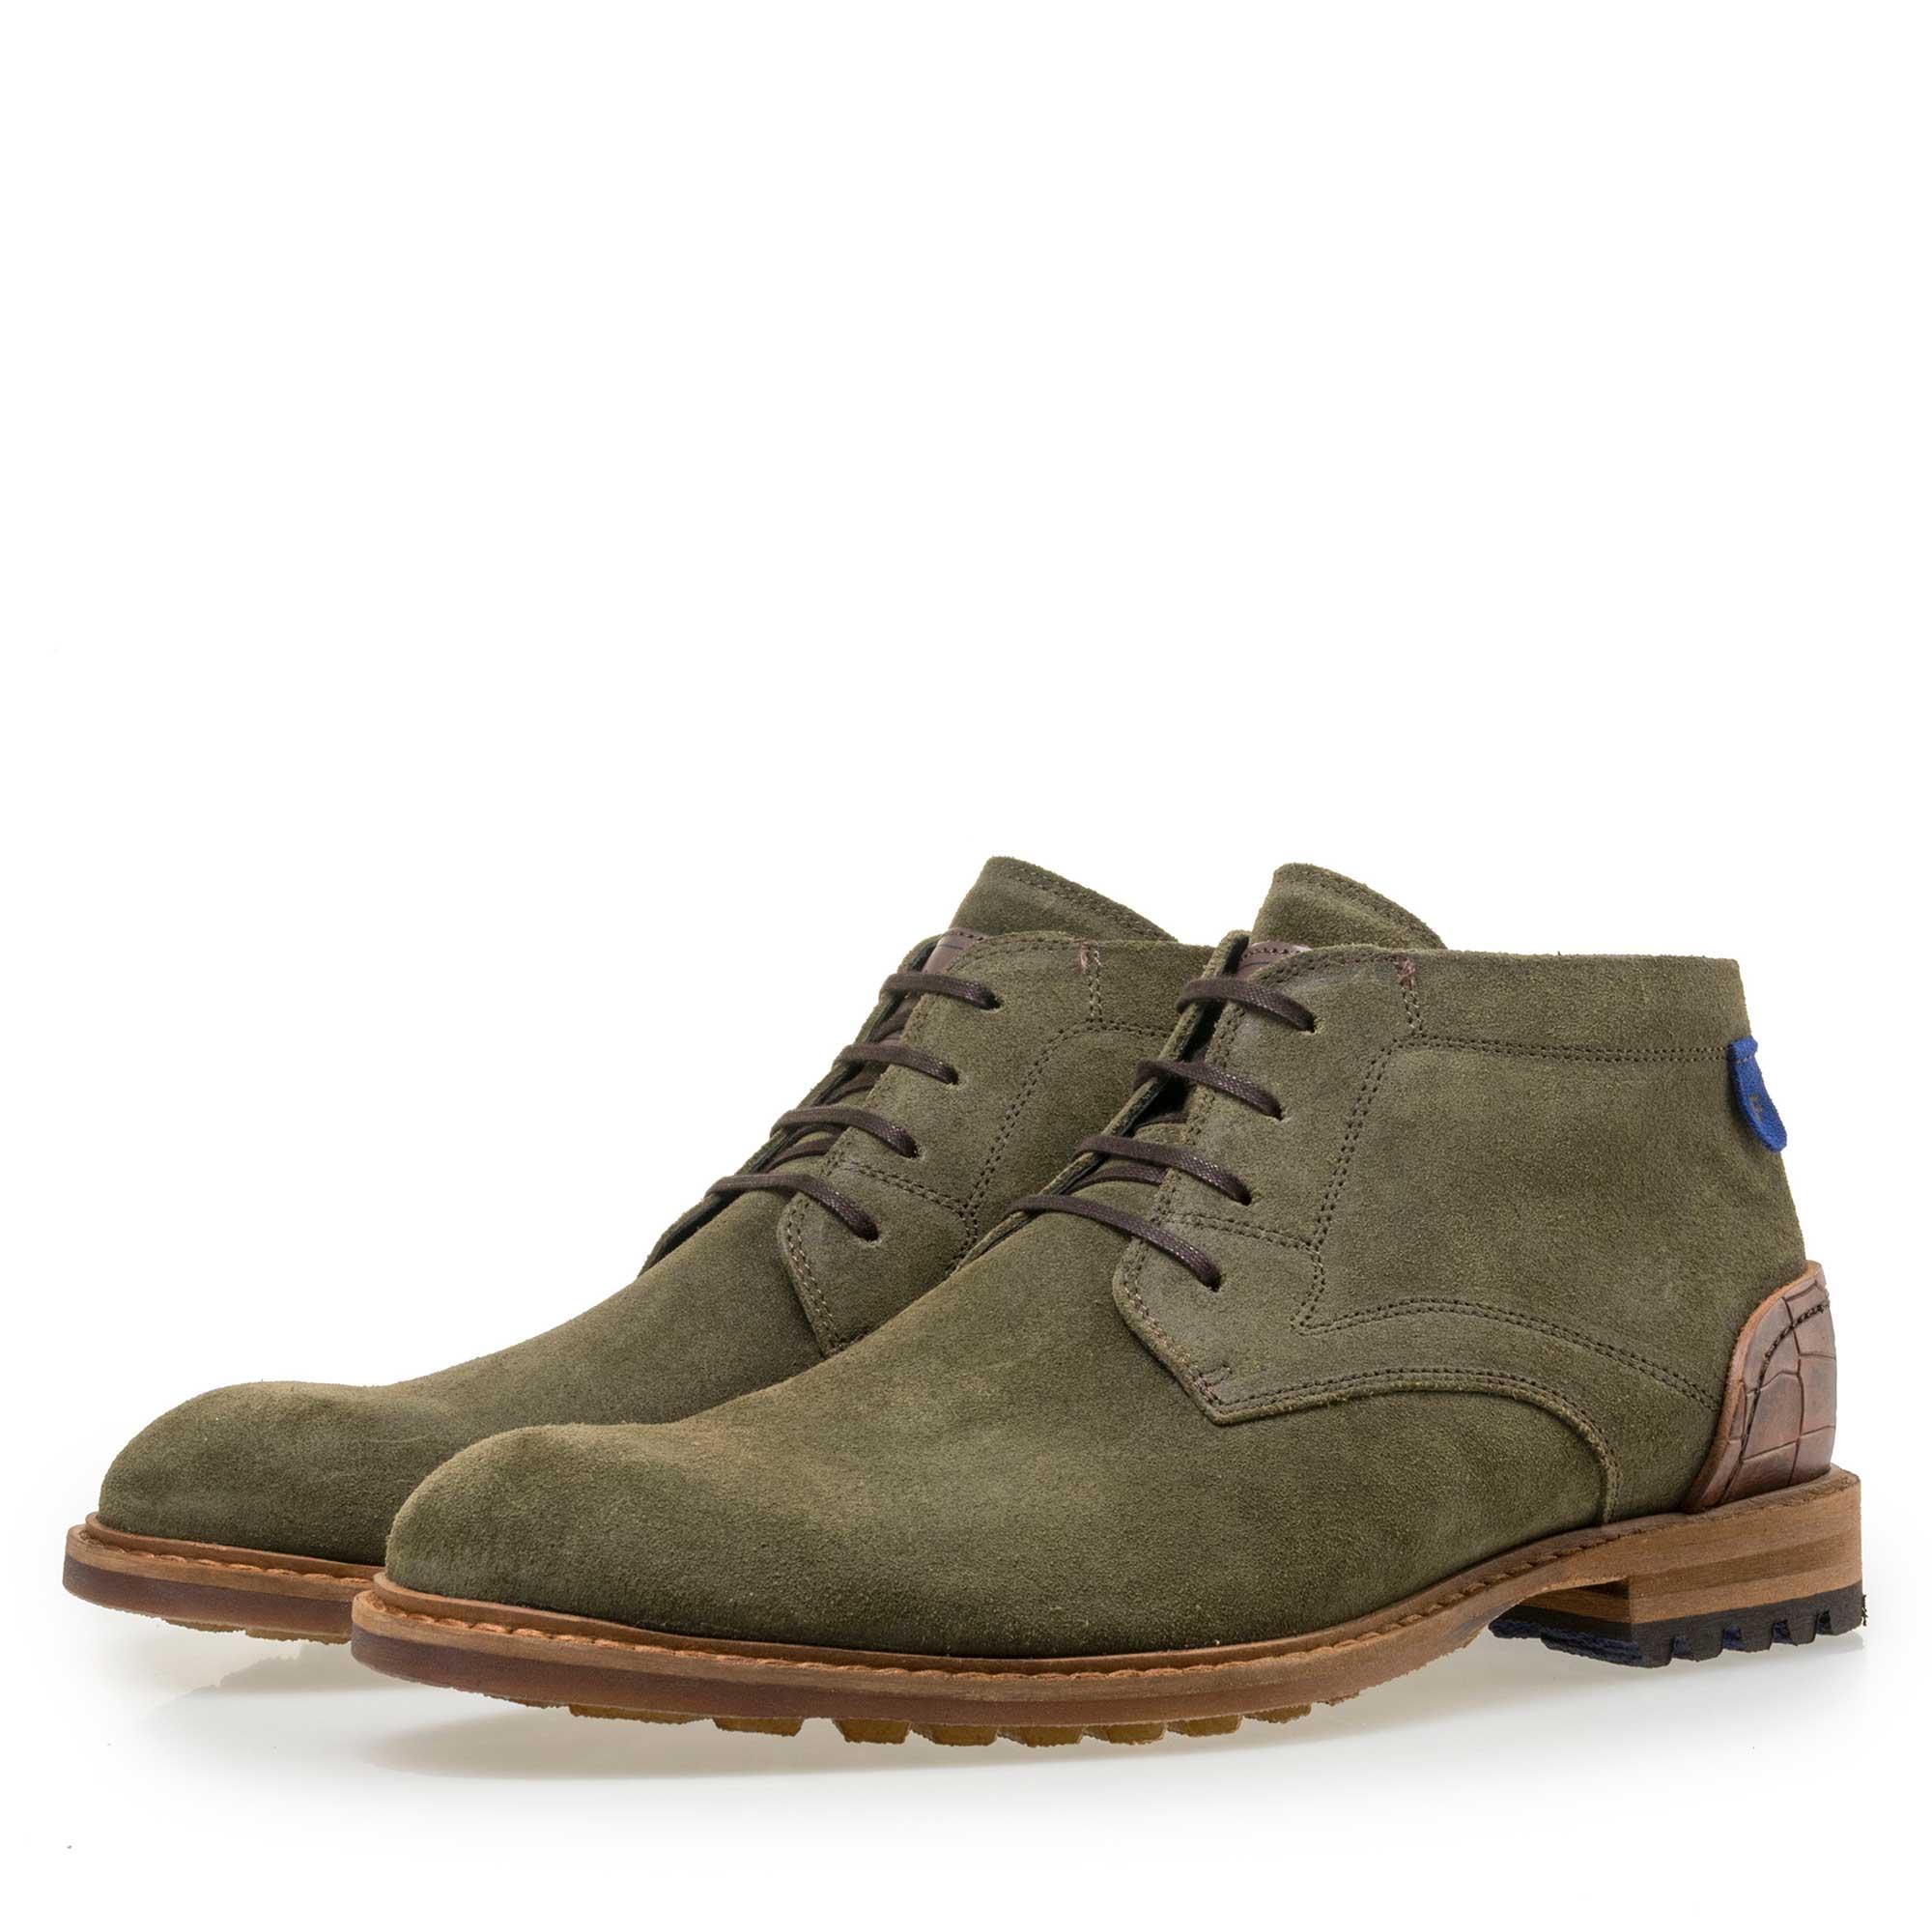 Men's green suede leather lace boot 1090705 Floris van Bommel